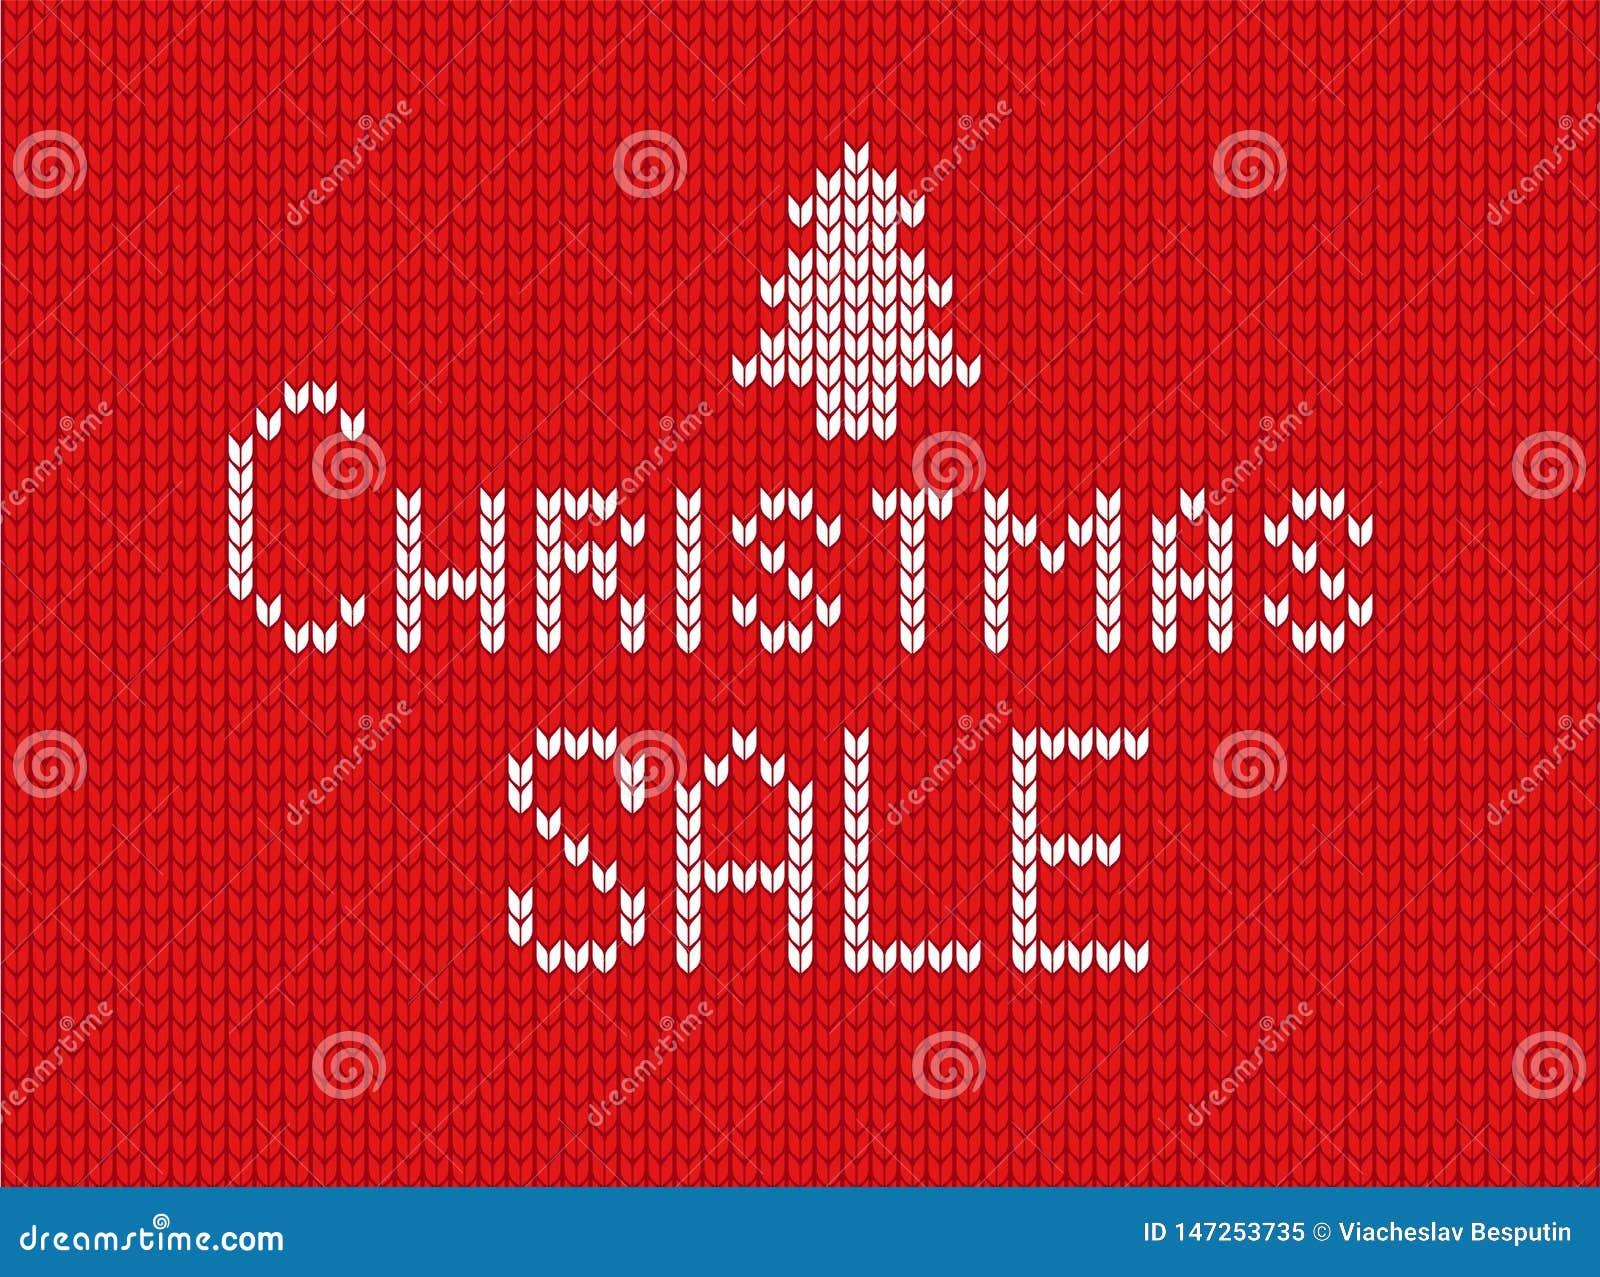 Christmas text image